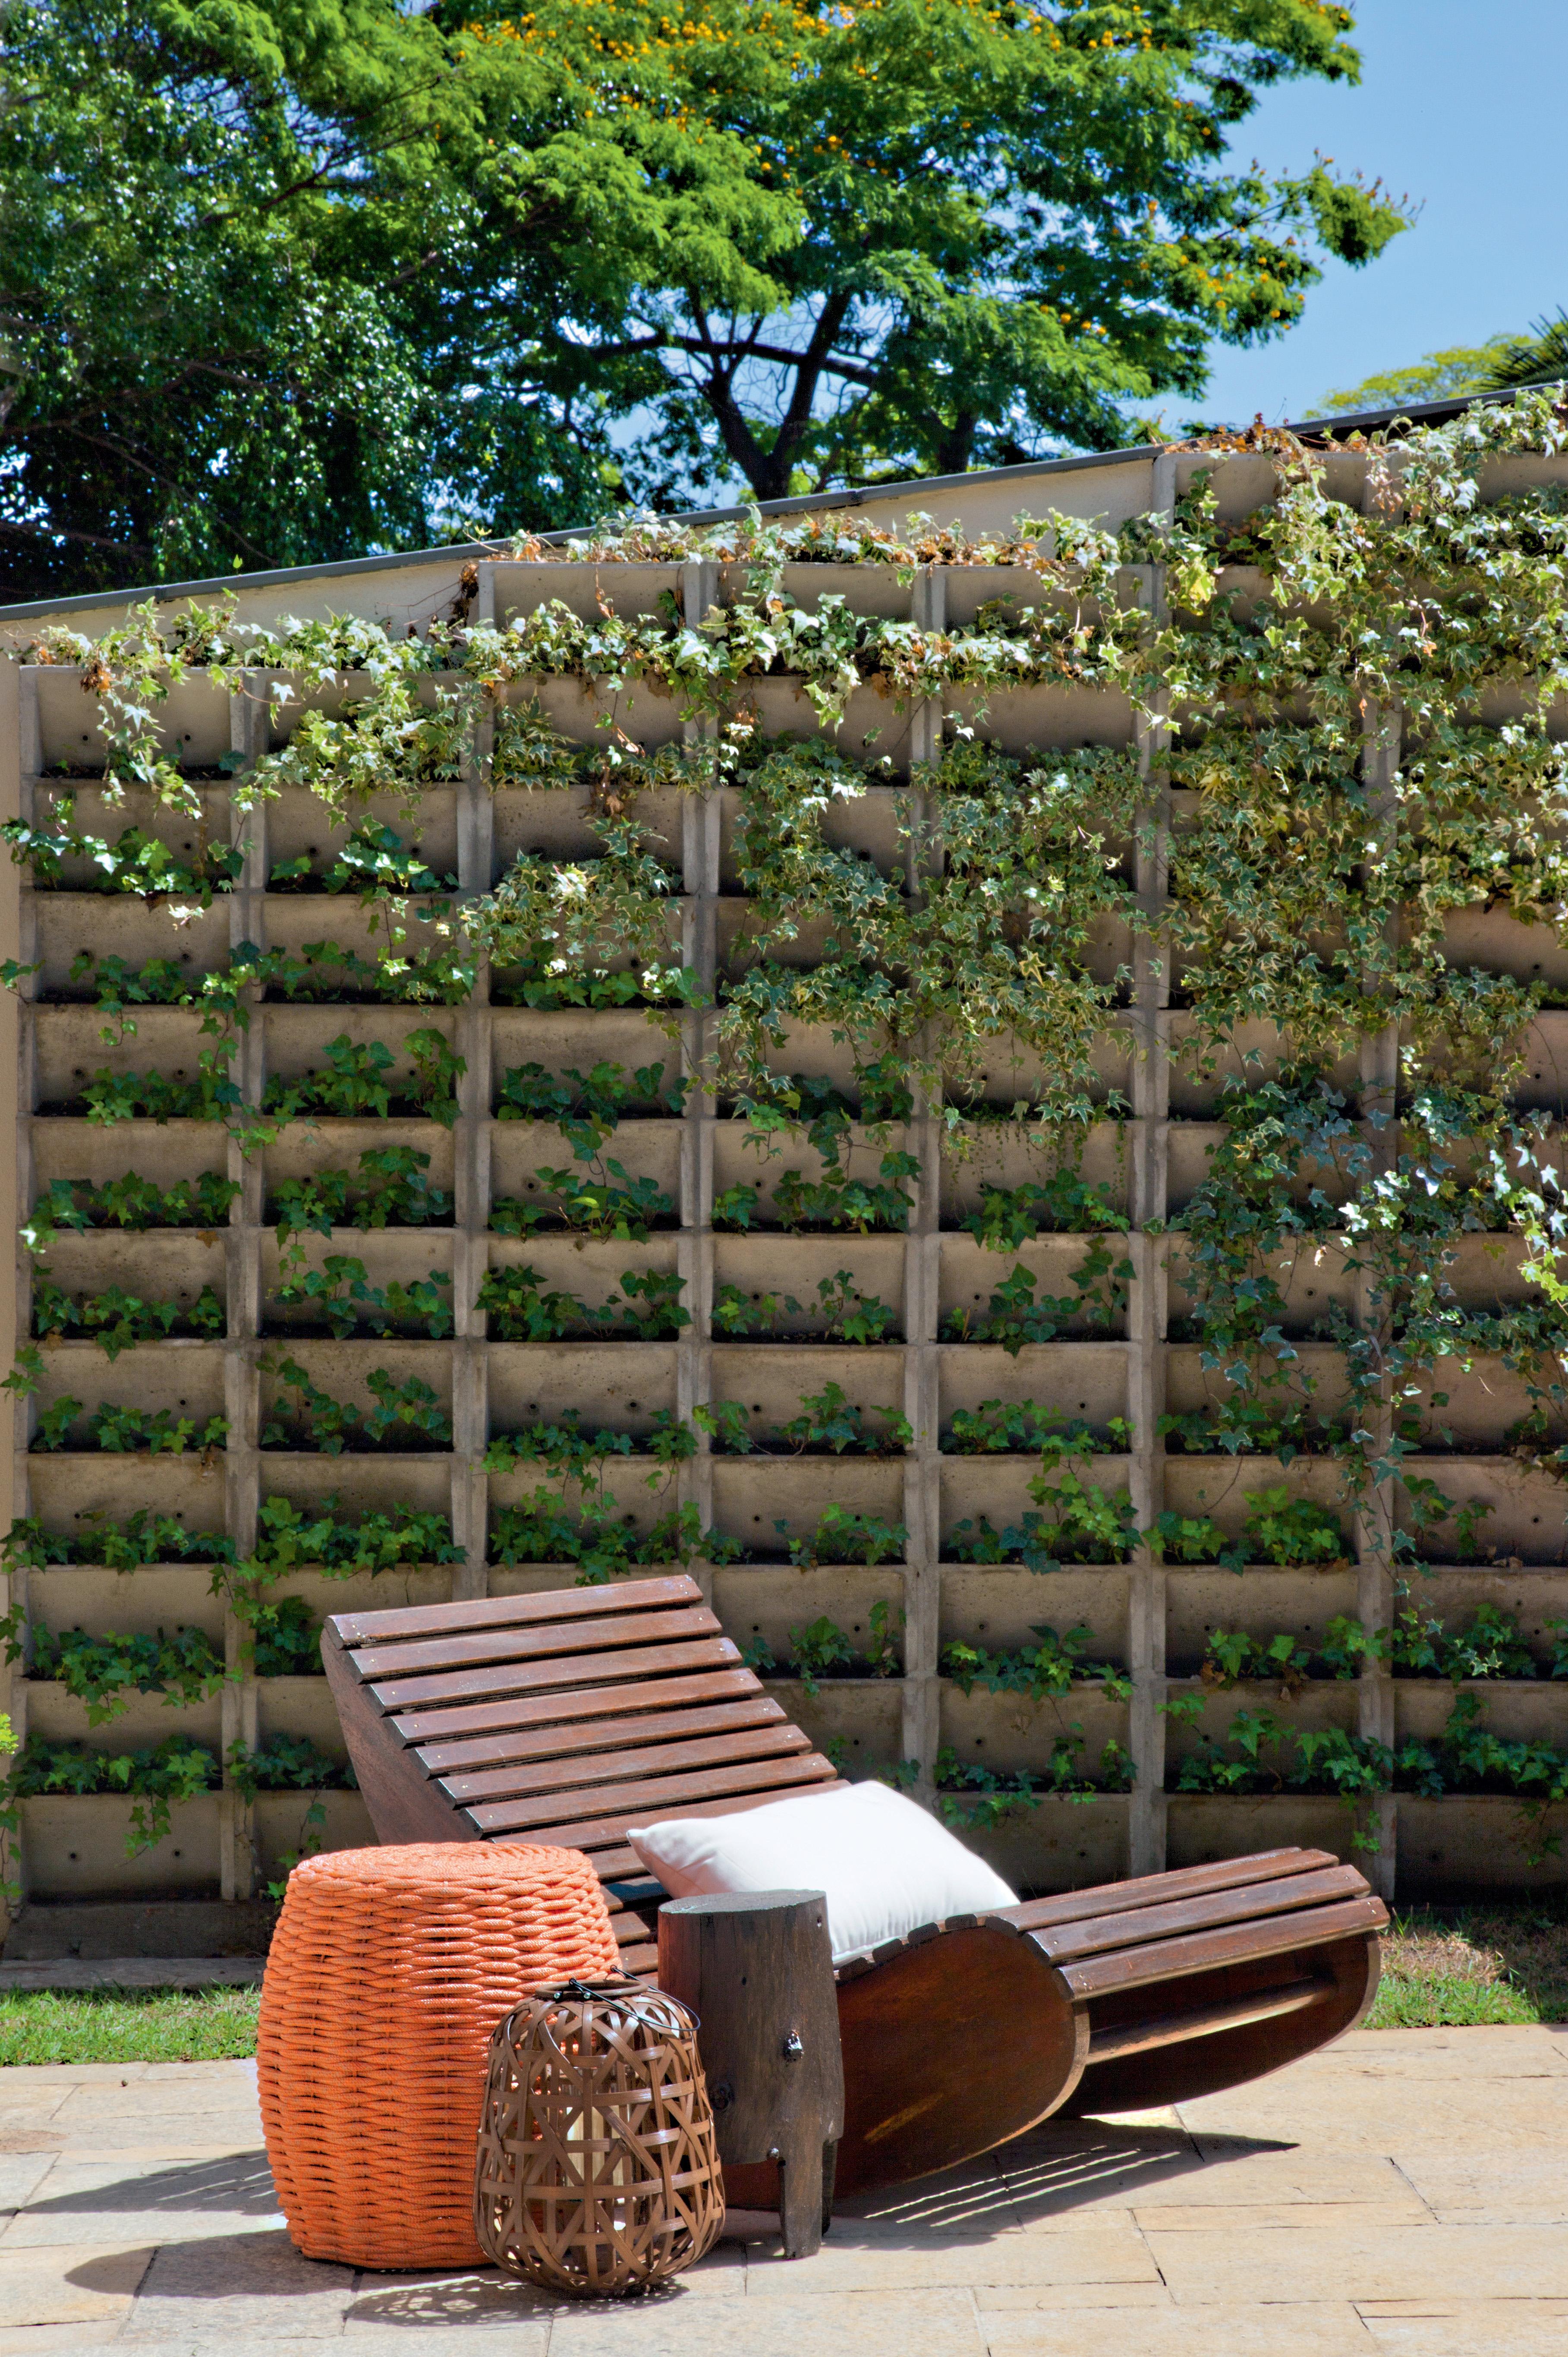 Blocos de concreto vazado em jardim vertical com hera, em projeto da arquiteta Beatriz Zanini Castanho.